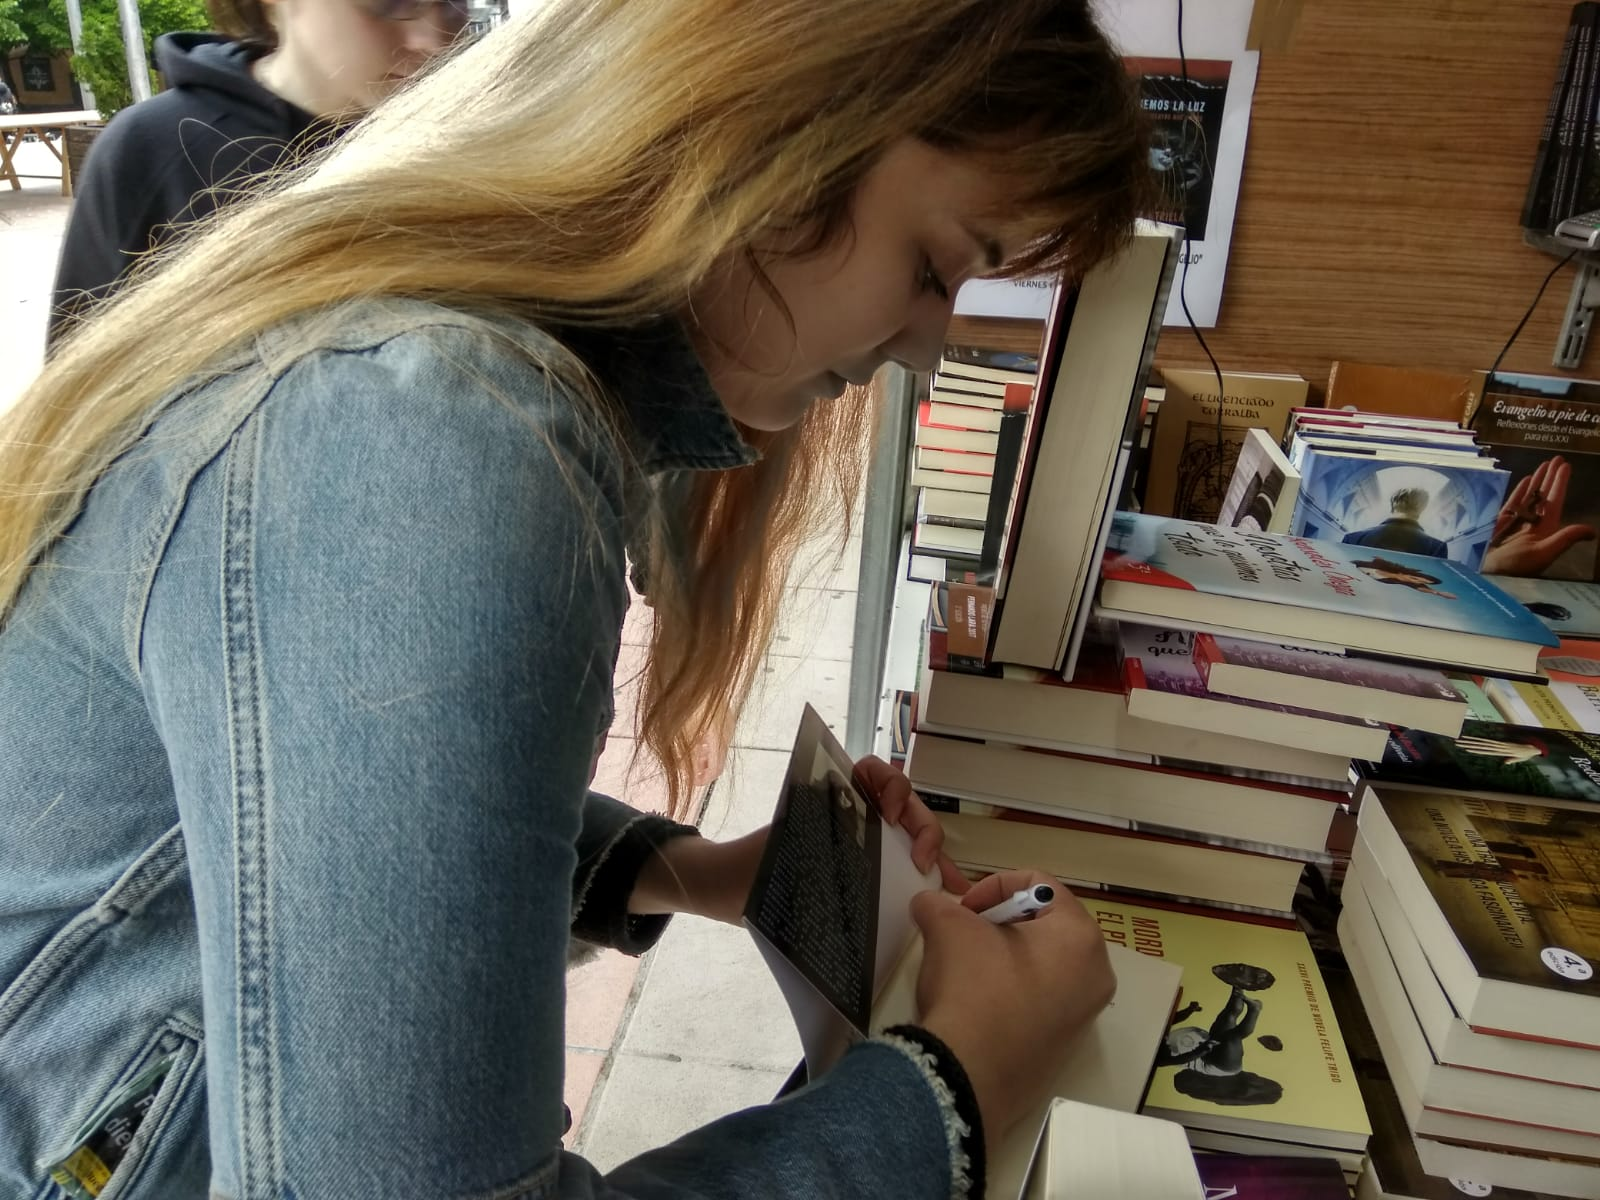 Publicar-un-libro-editar-Madrid-Barcelona-cataluña-españa-català-Andalucia-coedicion-autoedicion-bajemos-la-luz-maria-utrilla-feria-libro-cuenca